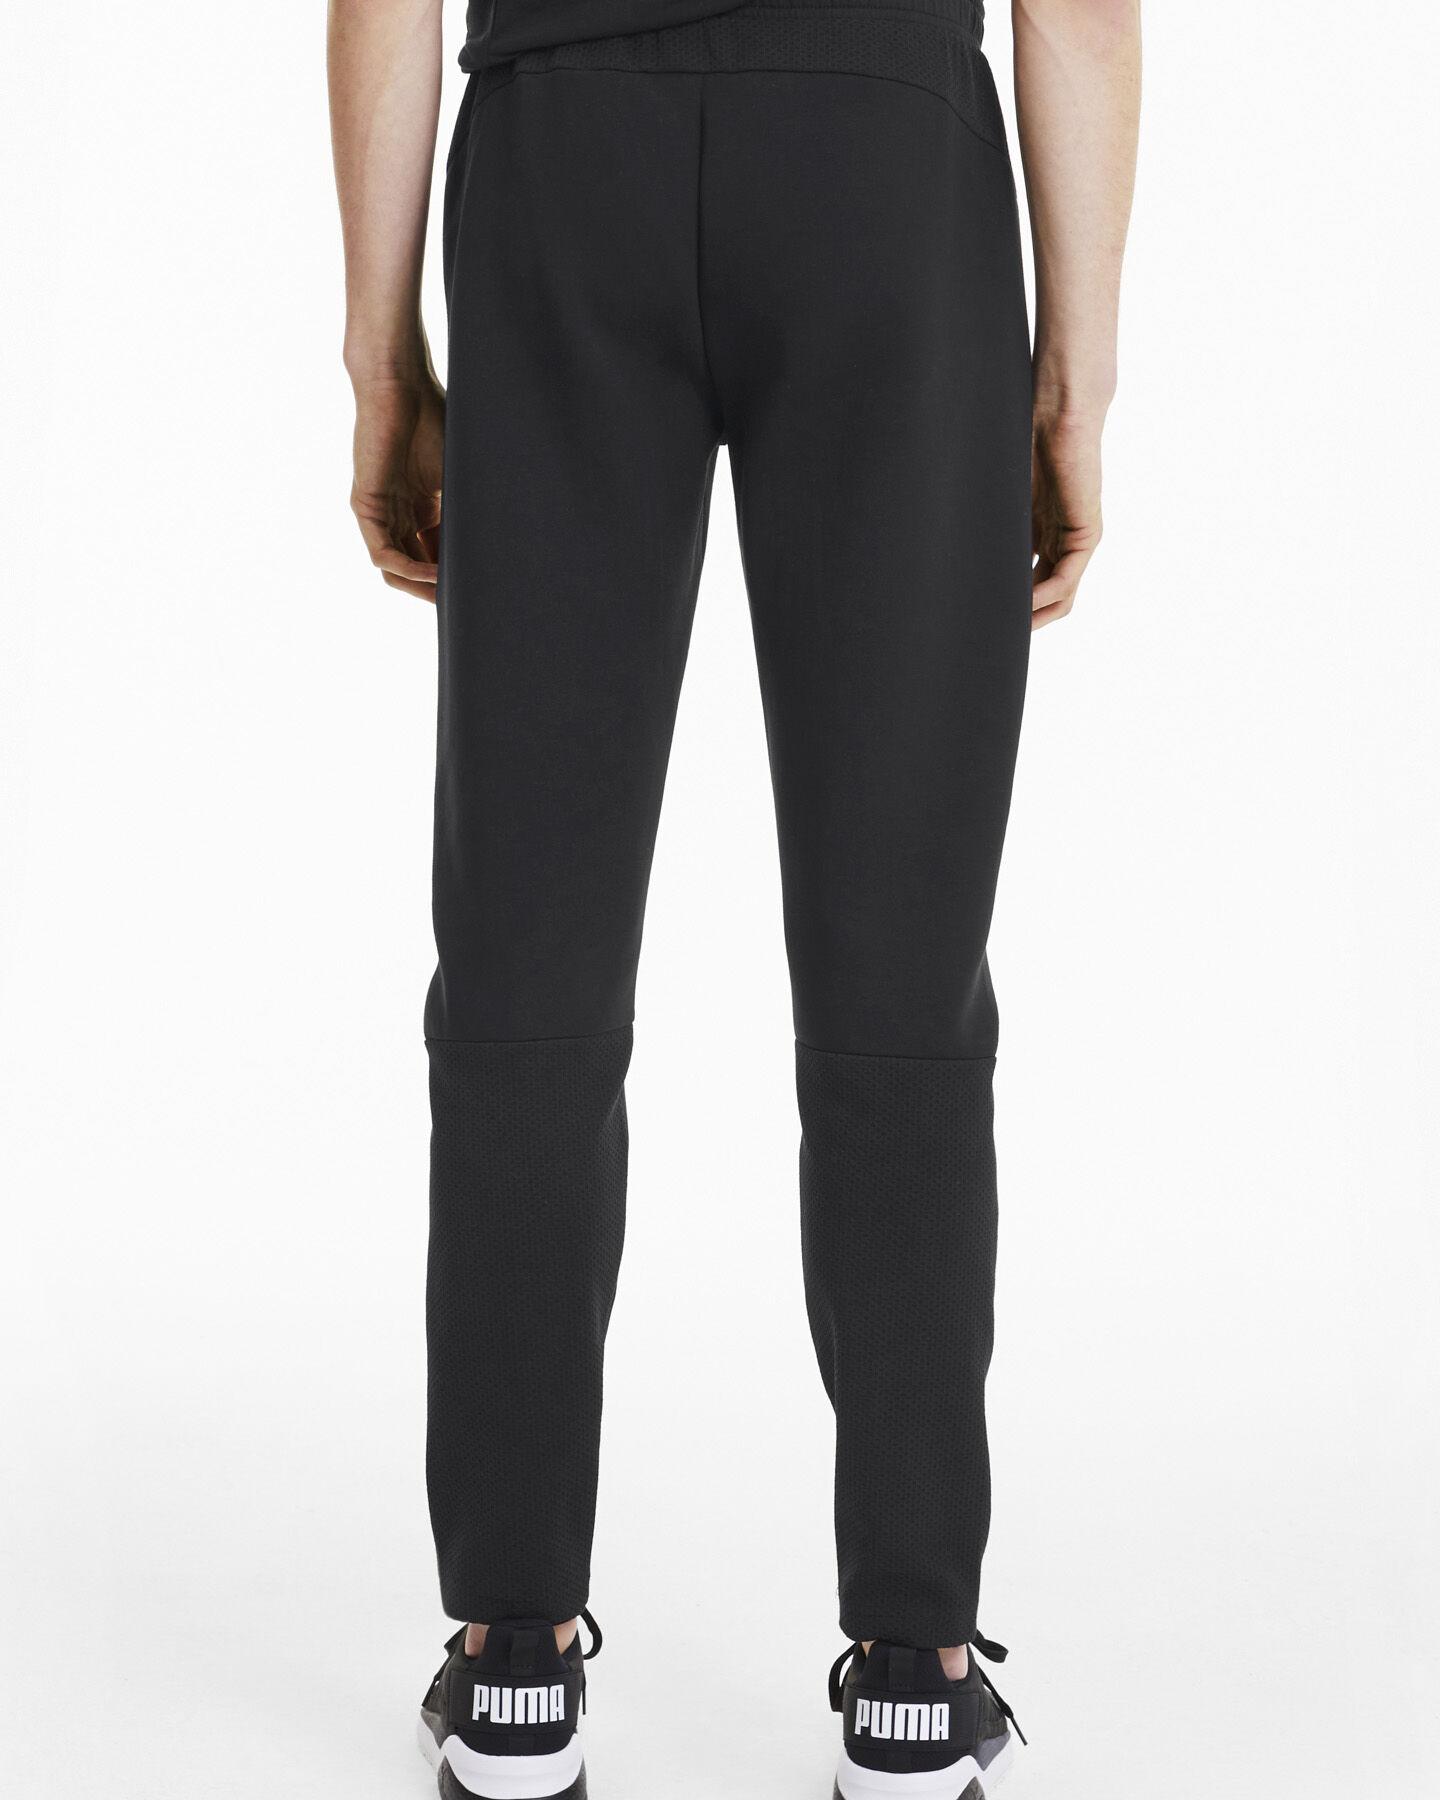 Pantalone PUMA EVOSTRIPE M S5172799 scatto 3